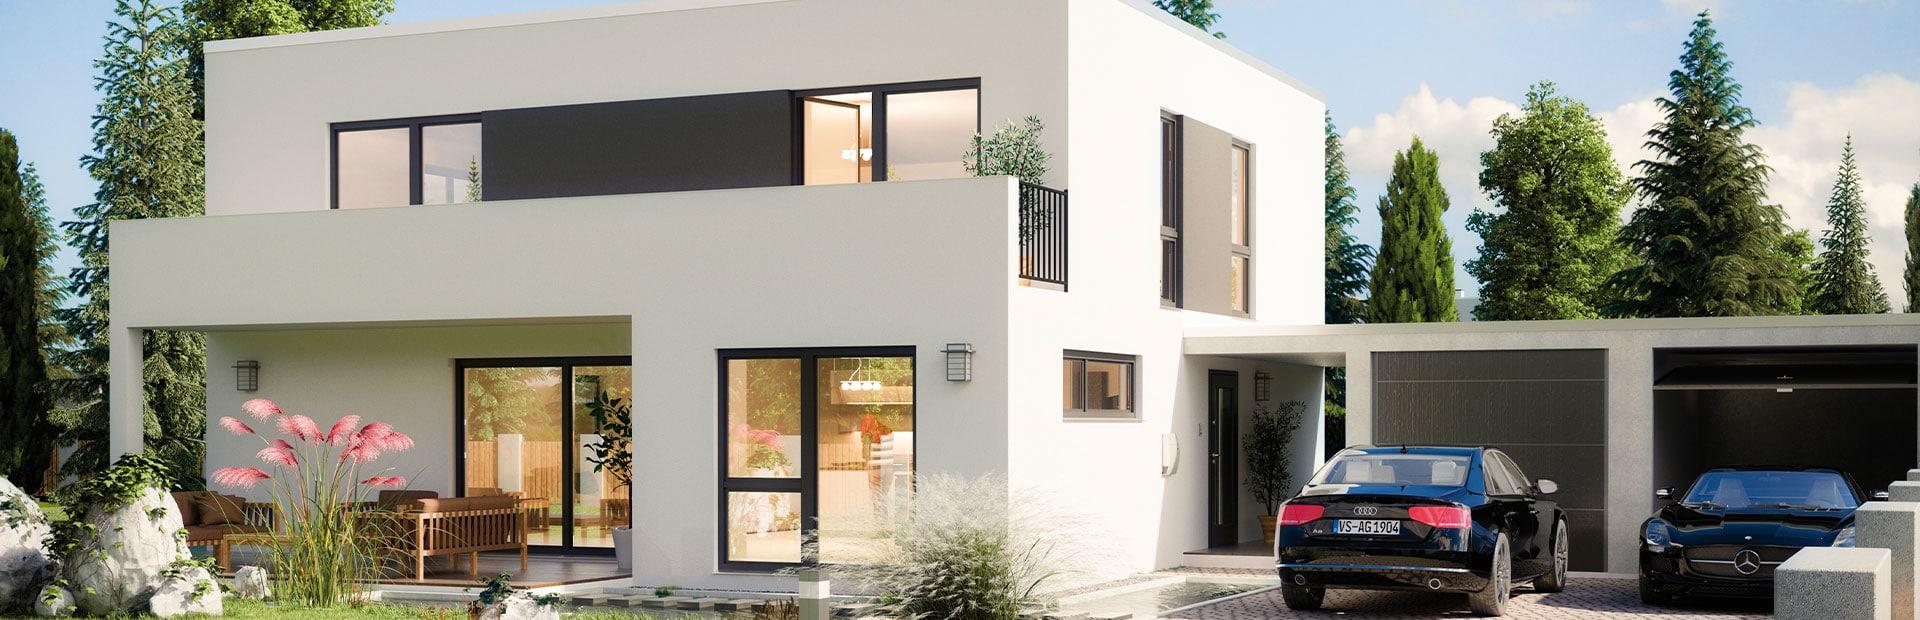 Energiesparhaus als Bauhaus